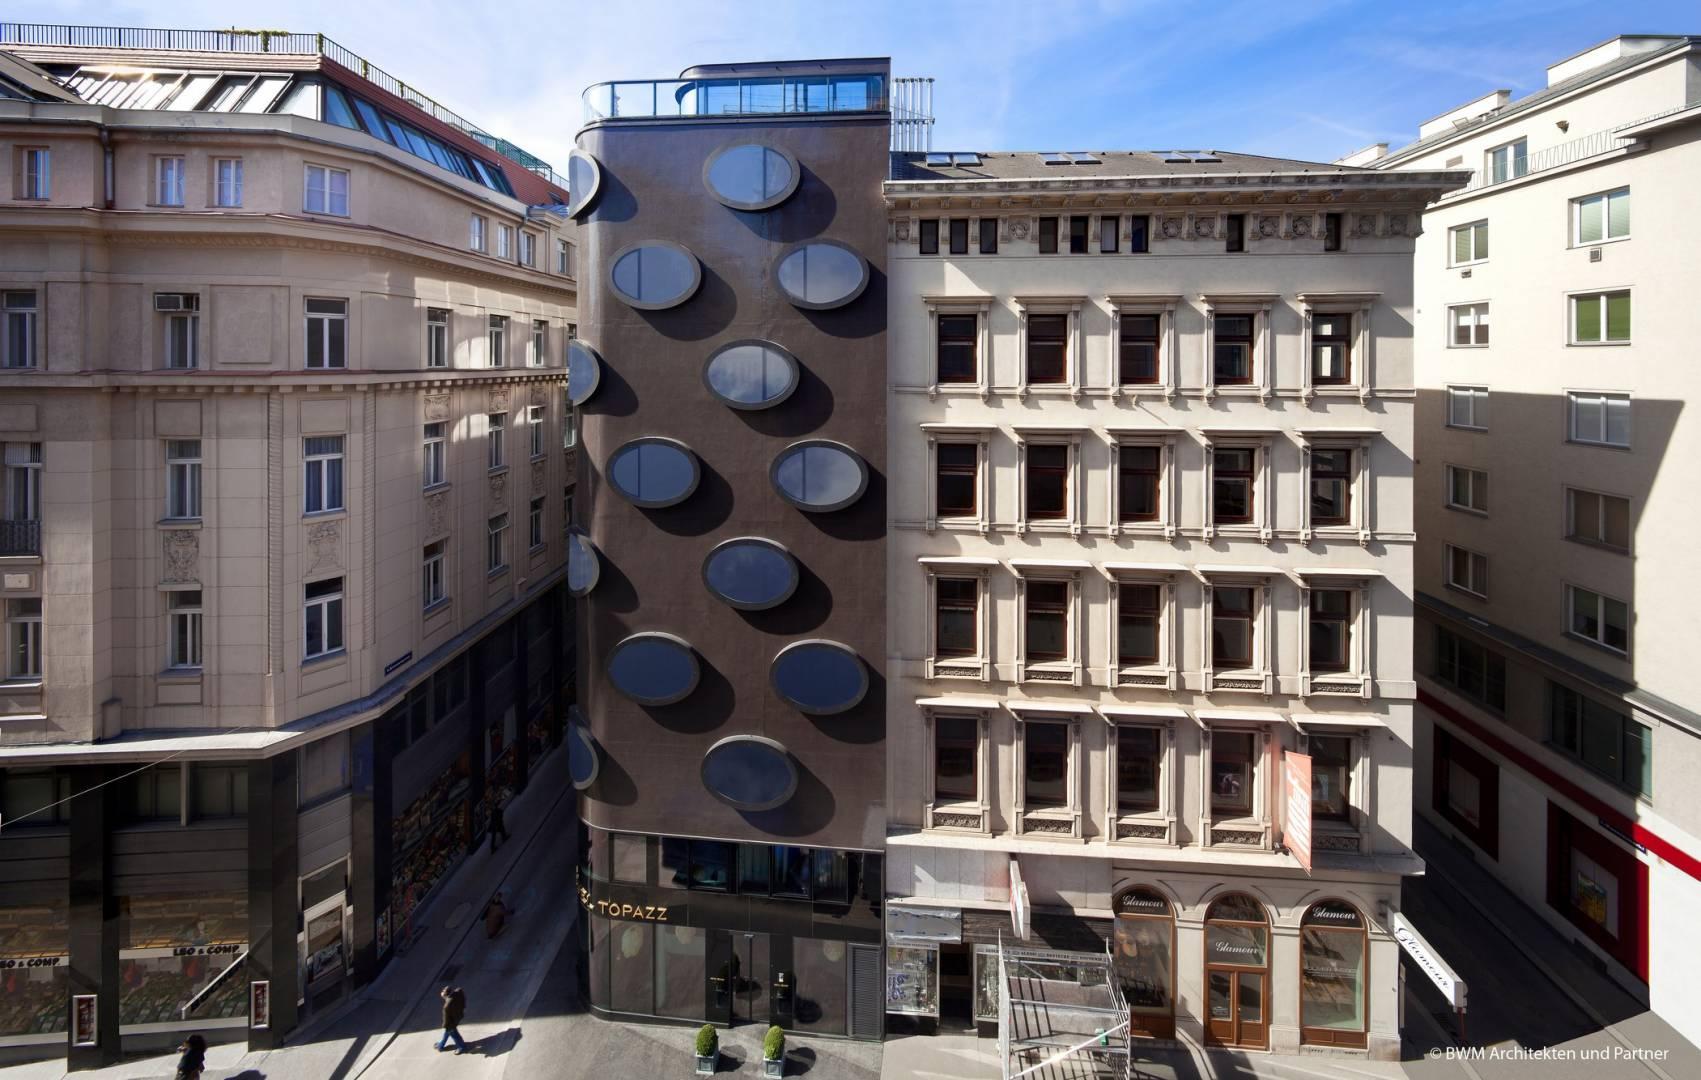 Відень: як поєднувати історичну спадщину та потребу в міському розвитку